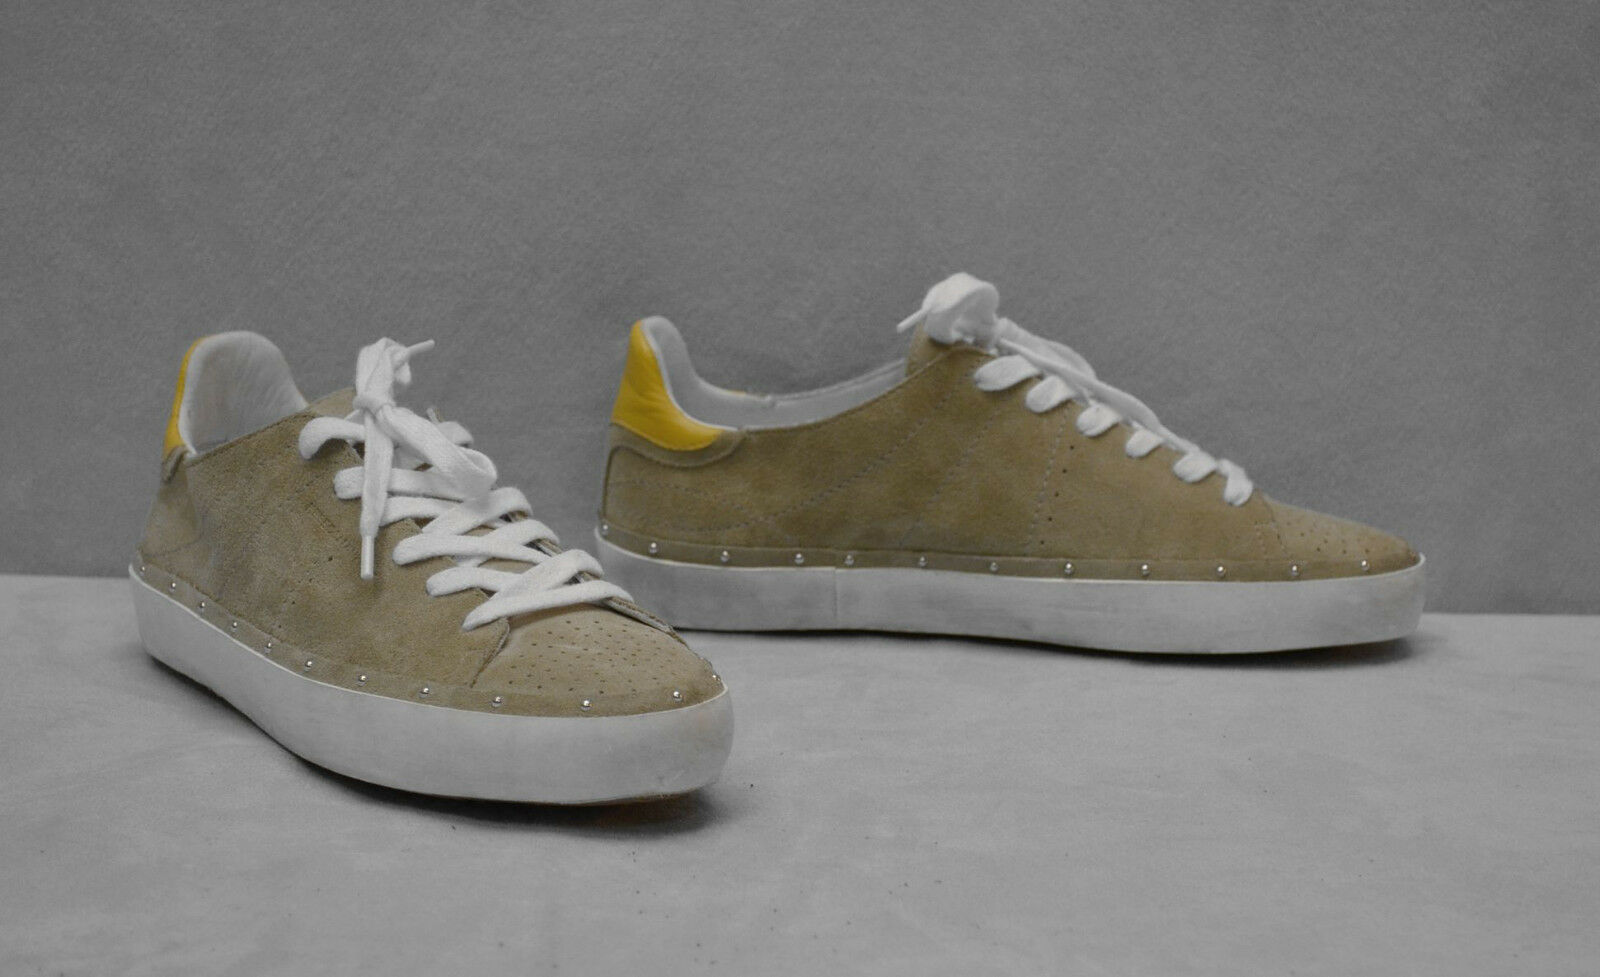 B2 B2 B2 nuevo Rebecca Minkoff Mitchell Gamuza Con Tachas Moda tenis zapatos talla 7  175  Más asequible